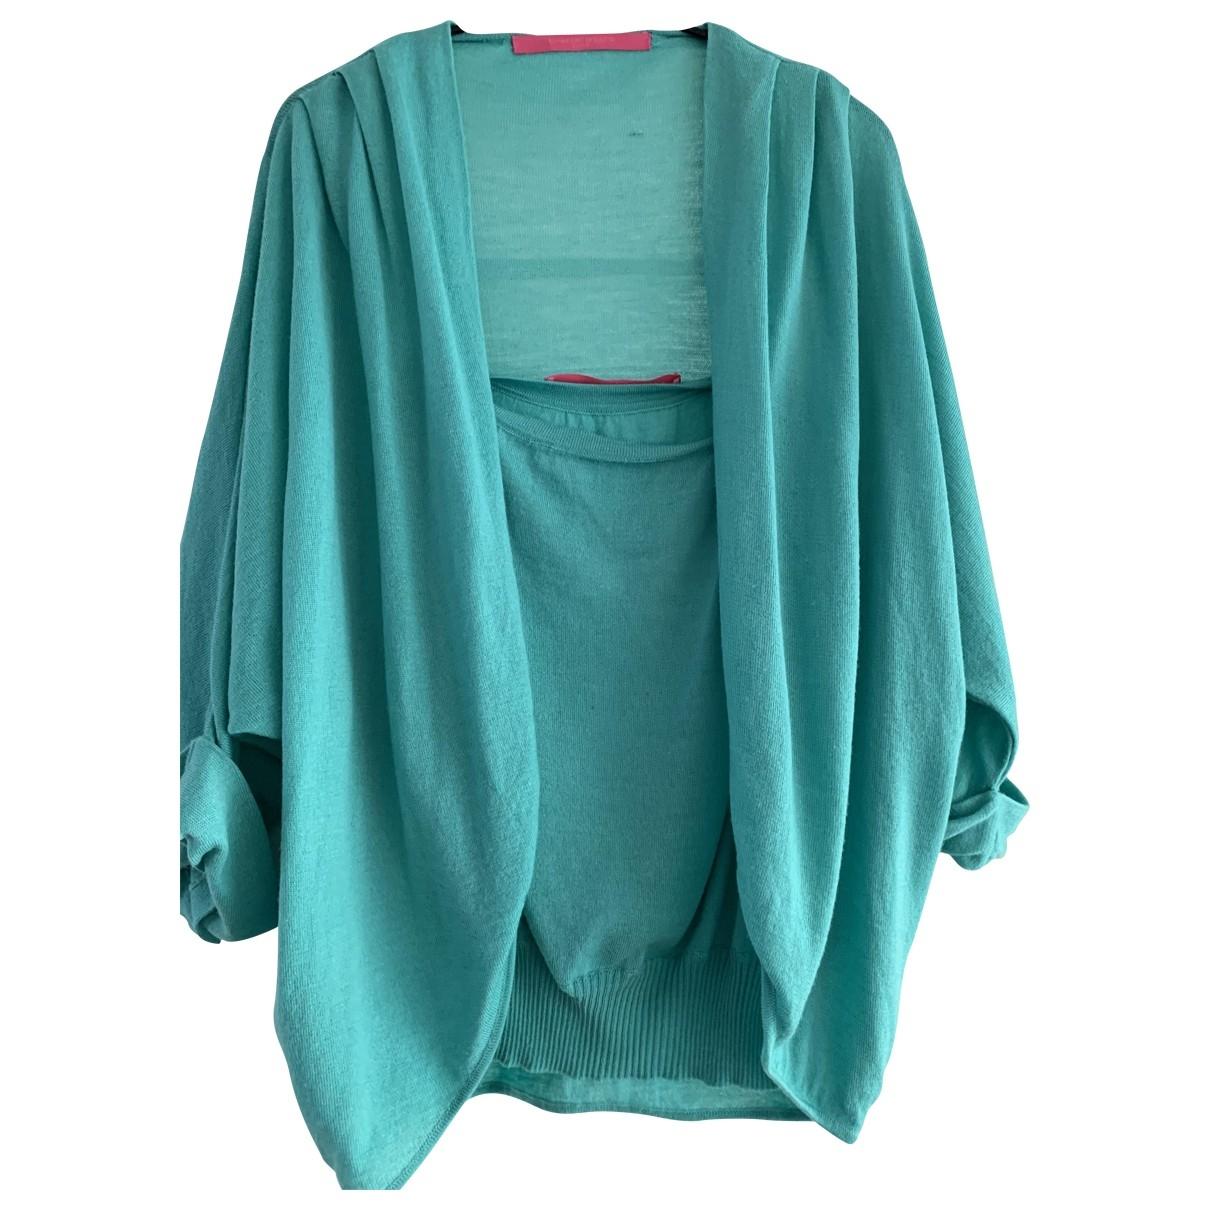 Emanuel Ungaro - Pull   pour femme en cachemire - turquoise